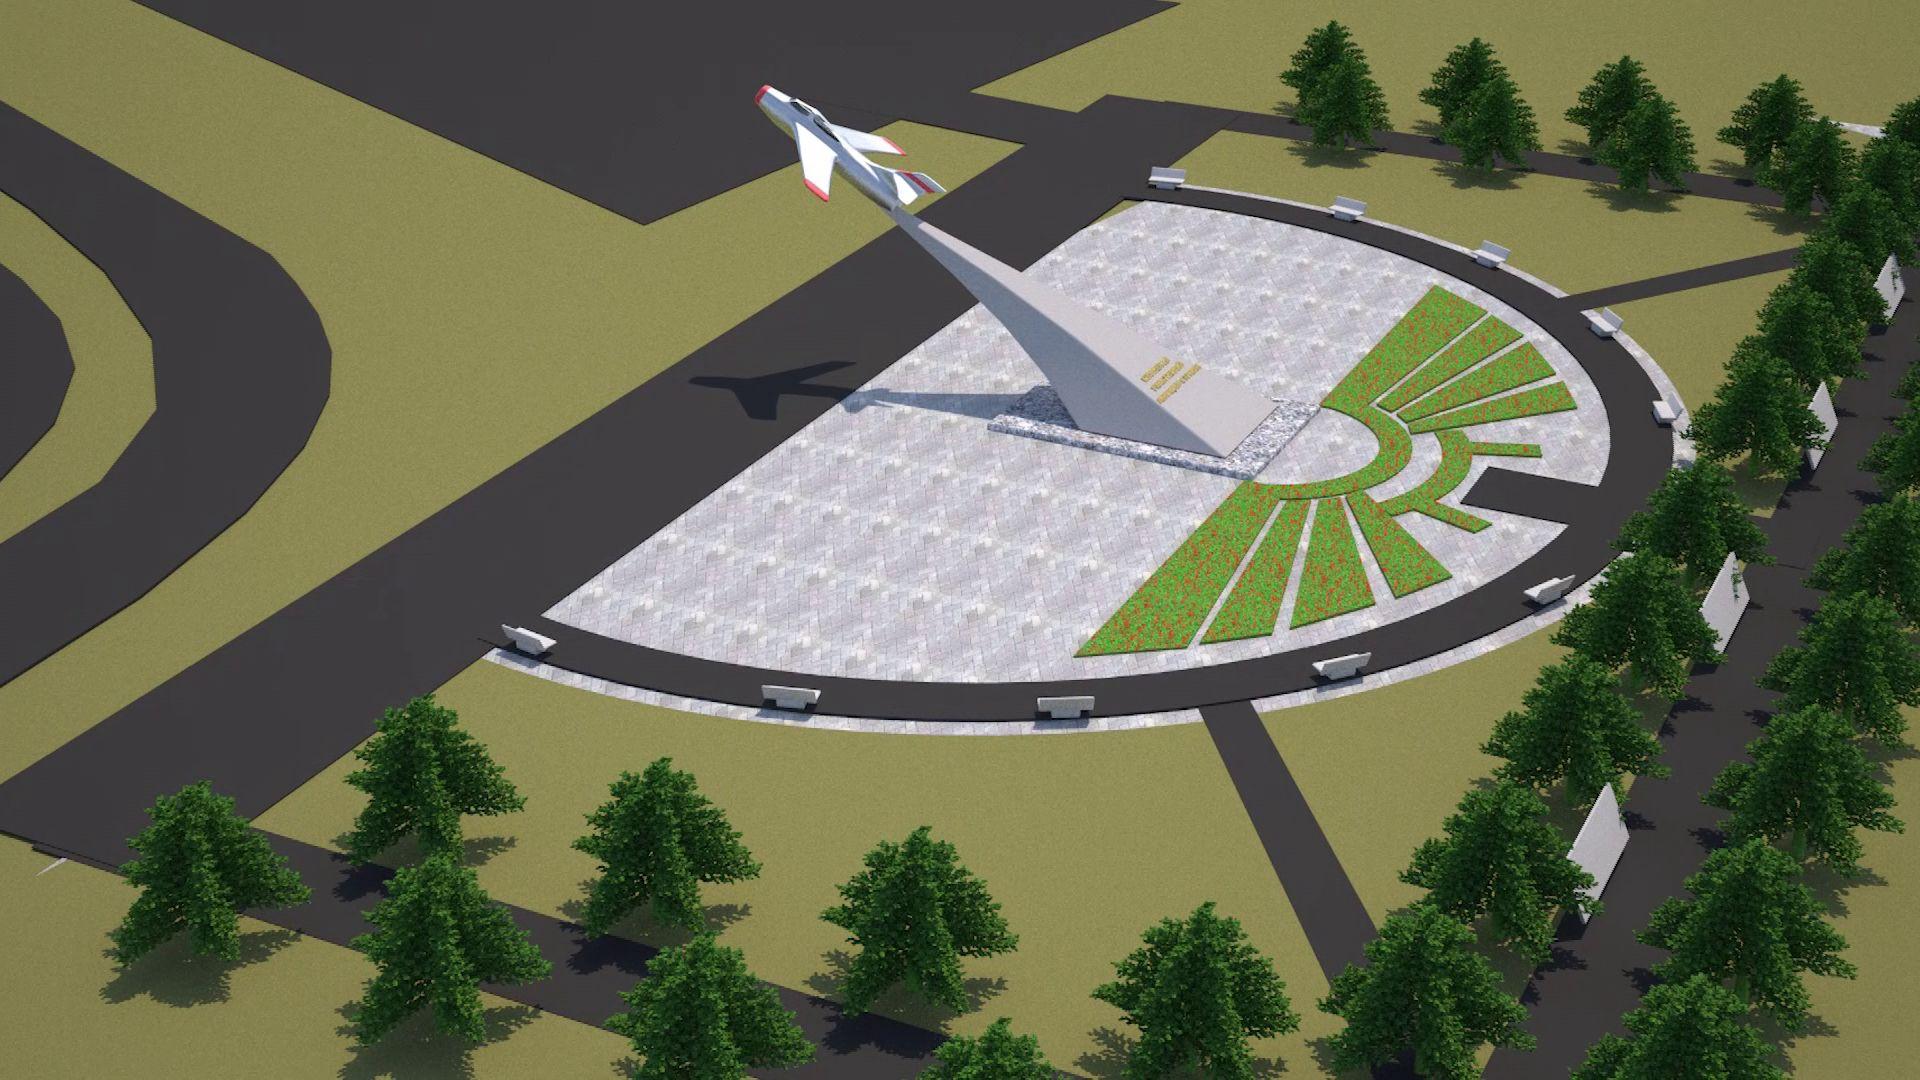 Во Фрунзенском районе может появиться новый памятник и парк